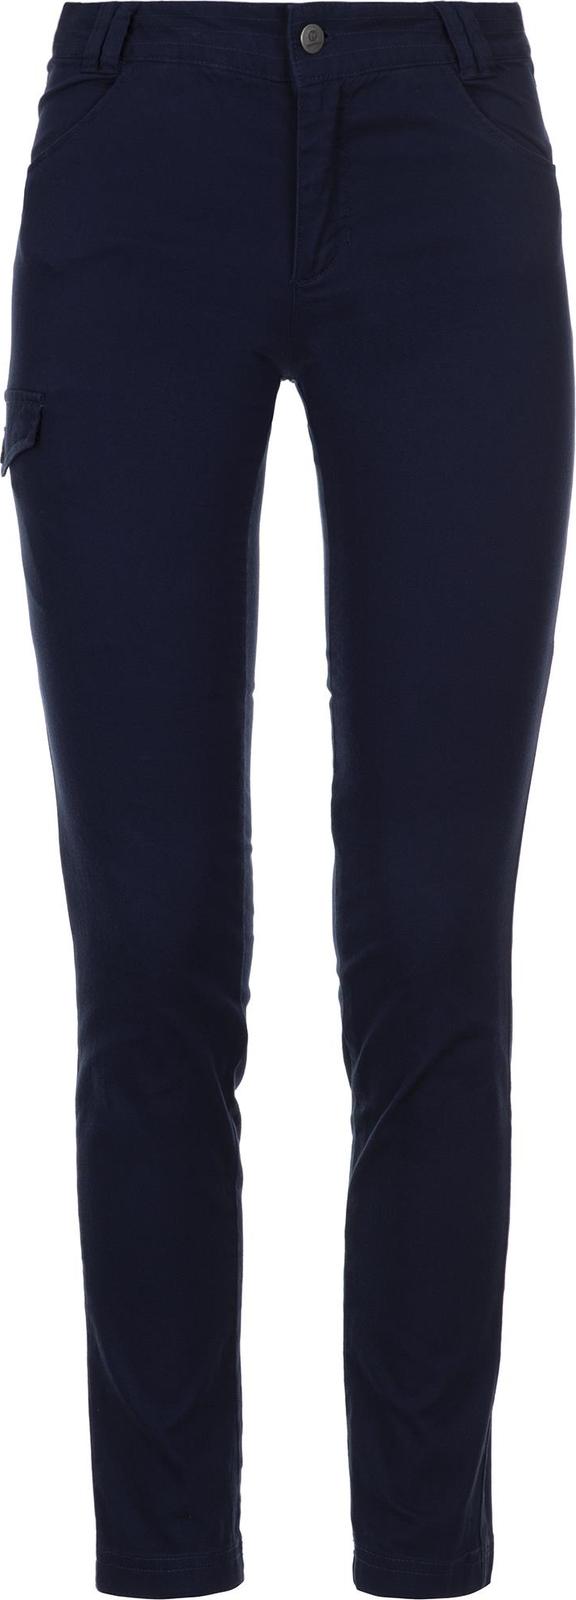 Брюки Merrell сапоги женские merrell approach tall wp цвет черный 99140 размер 8 5 40